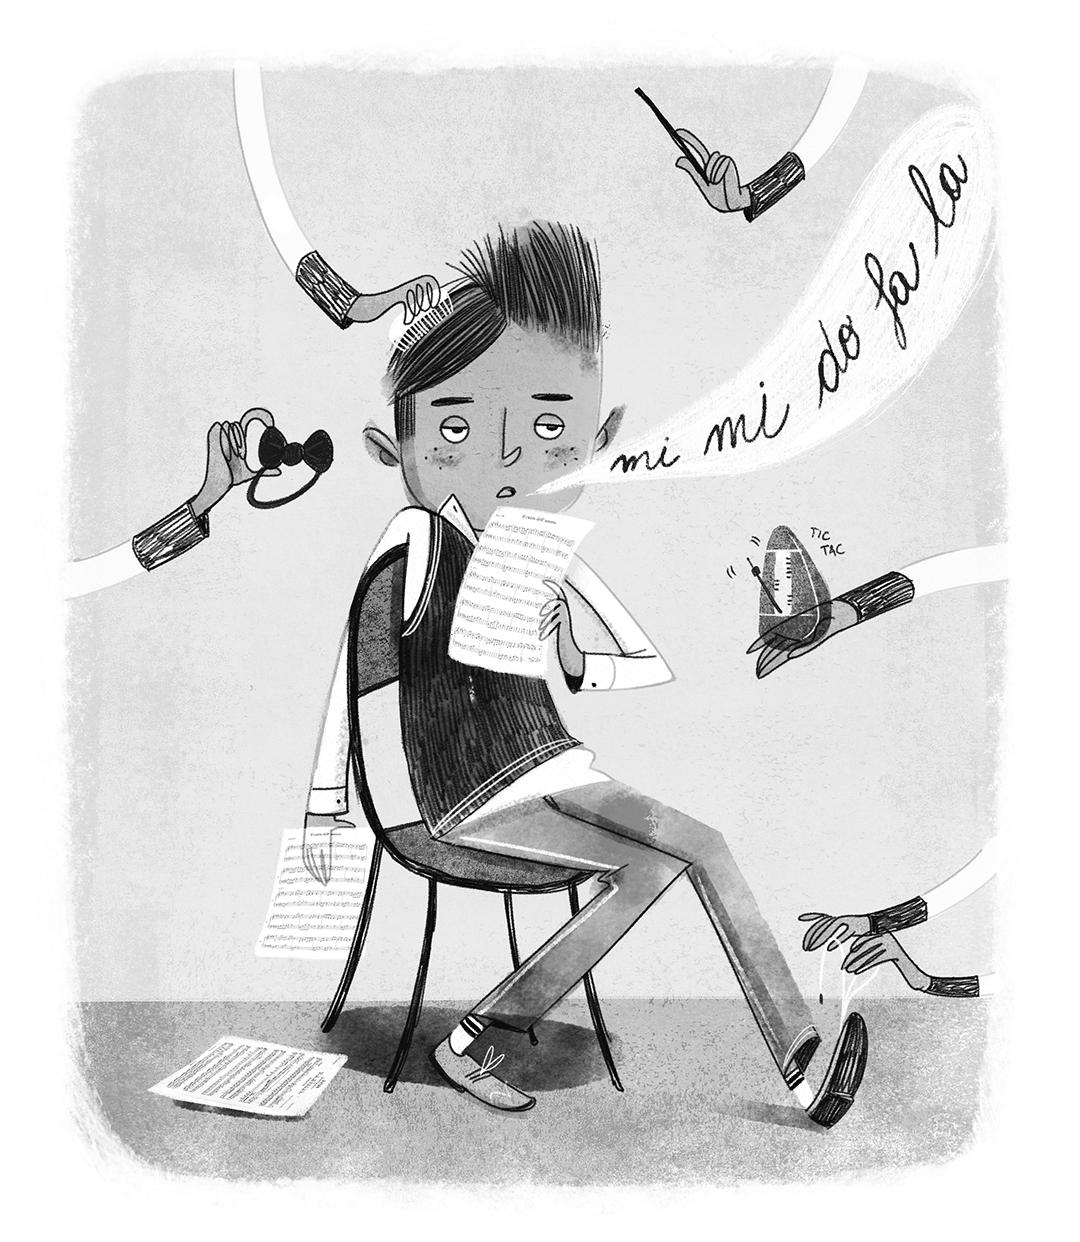 Colorista per una pagina di scolastica per Rizzoli.